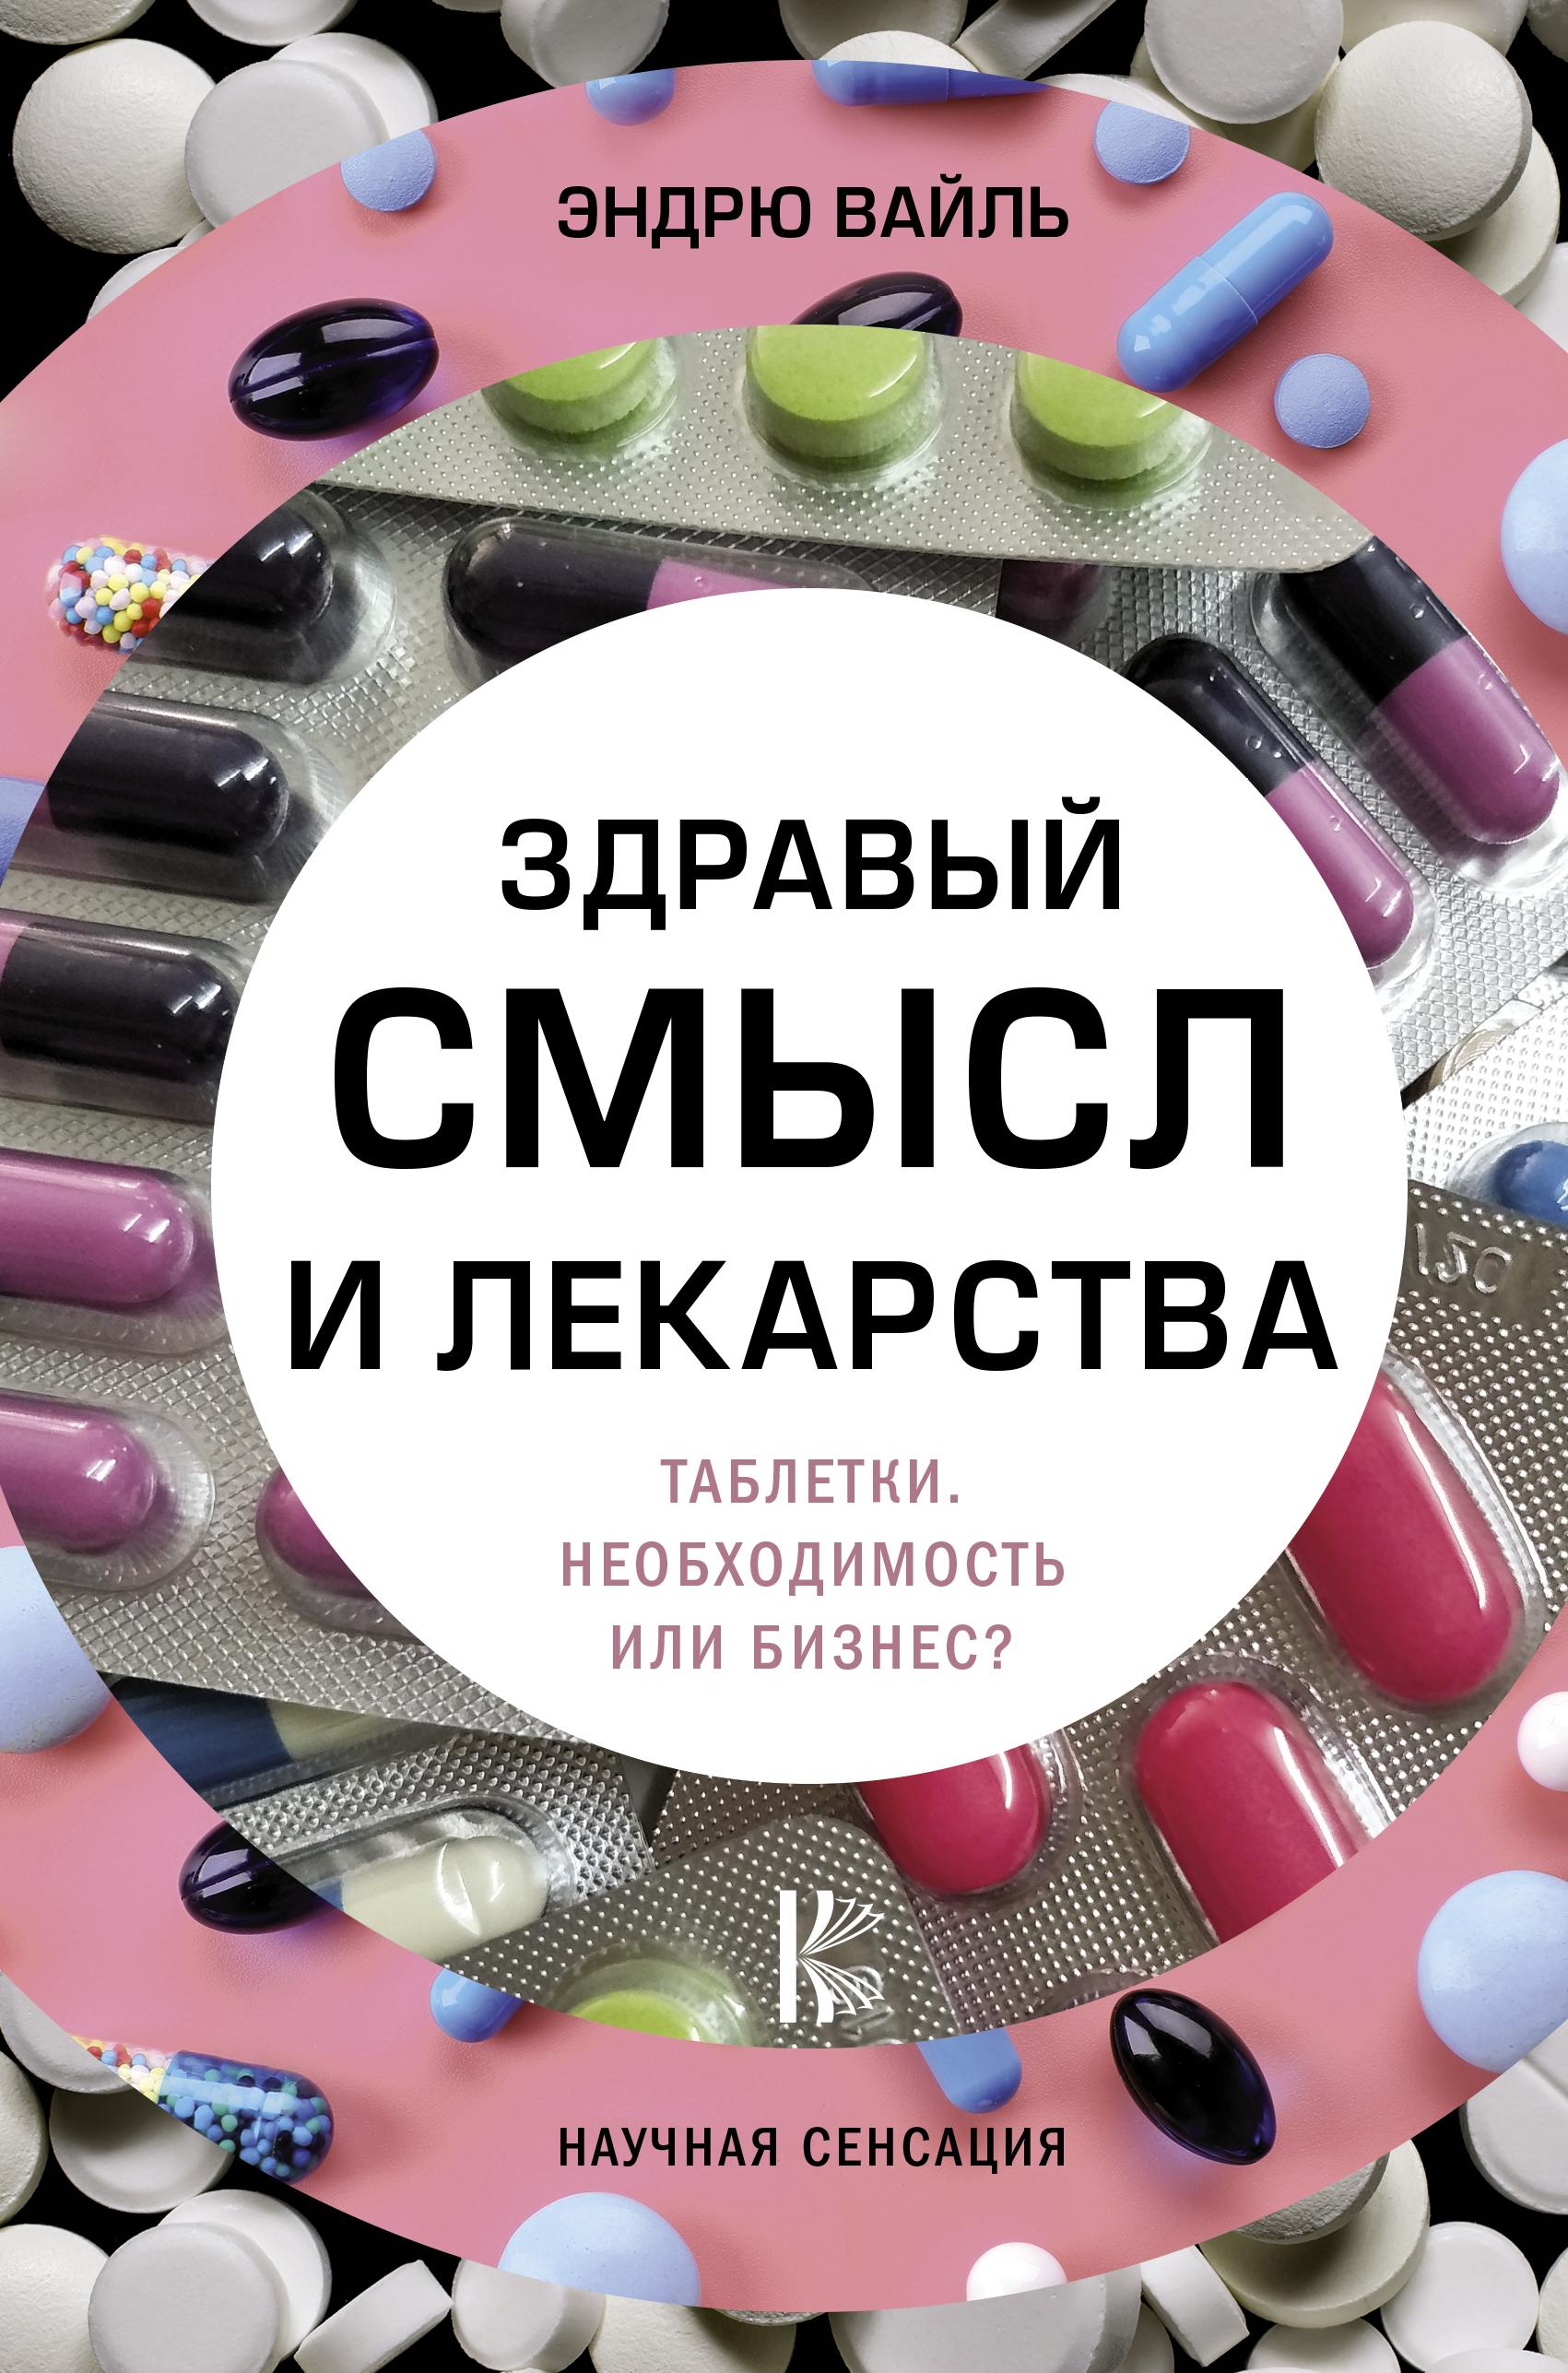 Здравый смысл и лекарства. Таблетки. Необходимость или бизнес? ( Вайль Э.  )